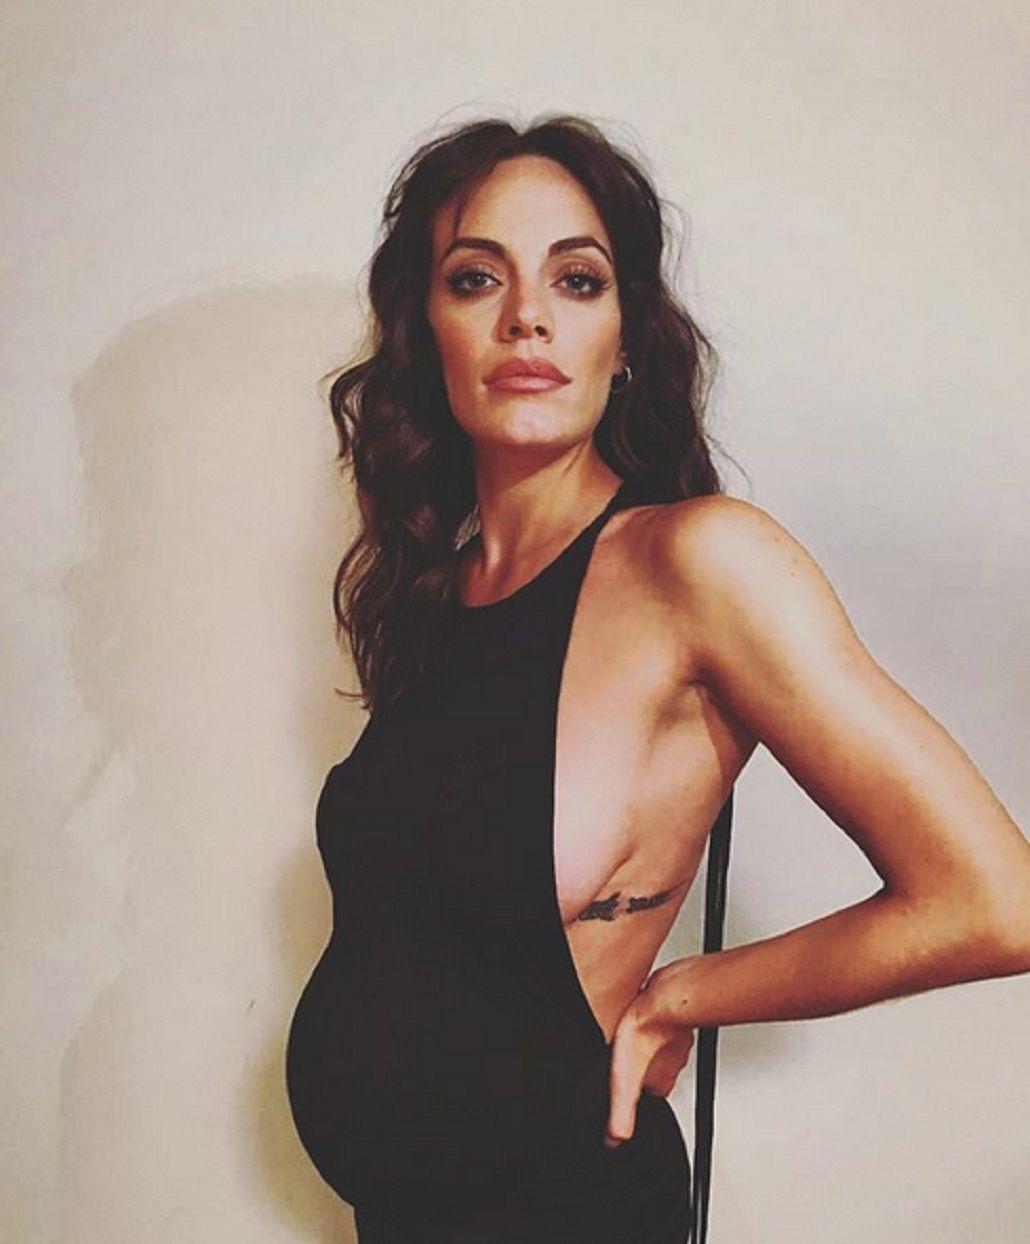 Mamita sexy: mirá la selfie hot de Emilia Attias, embarazada